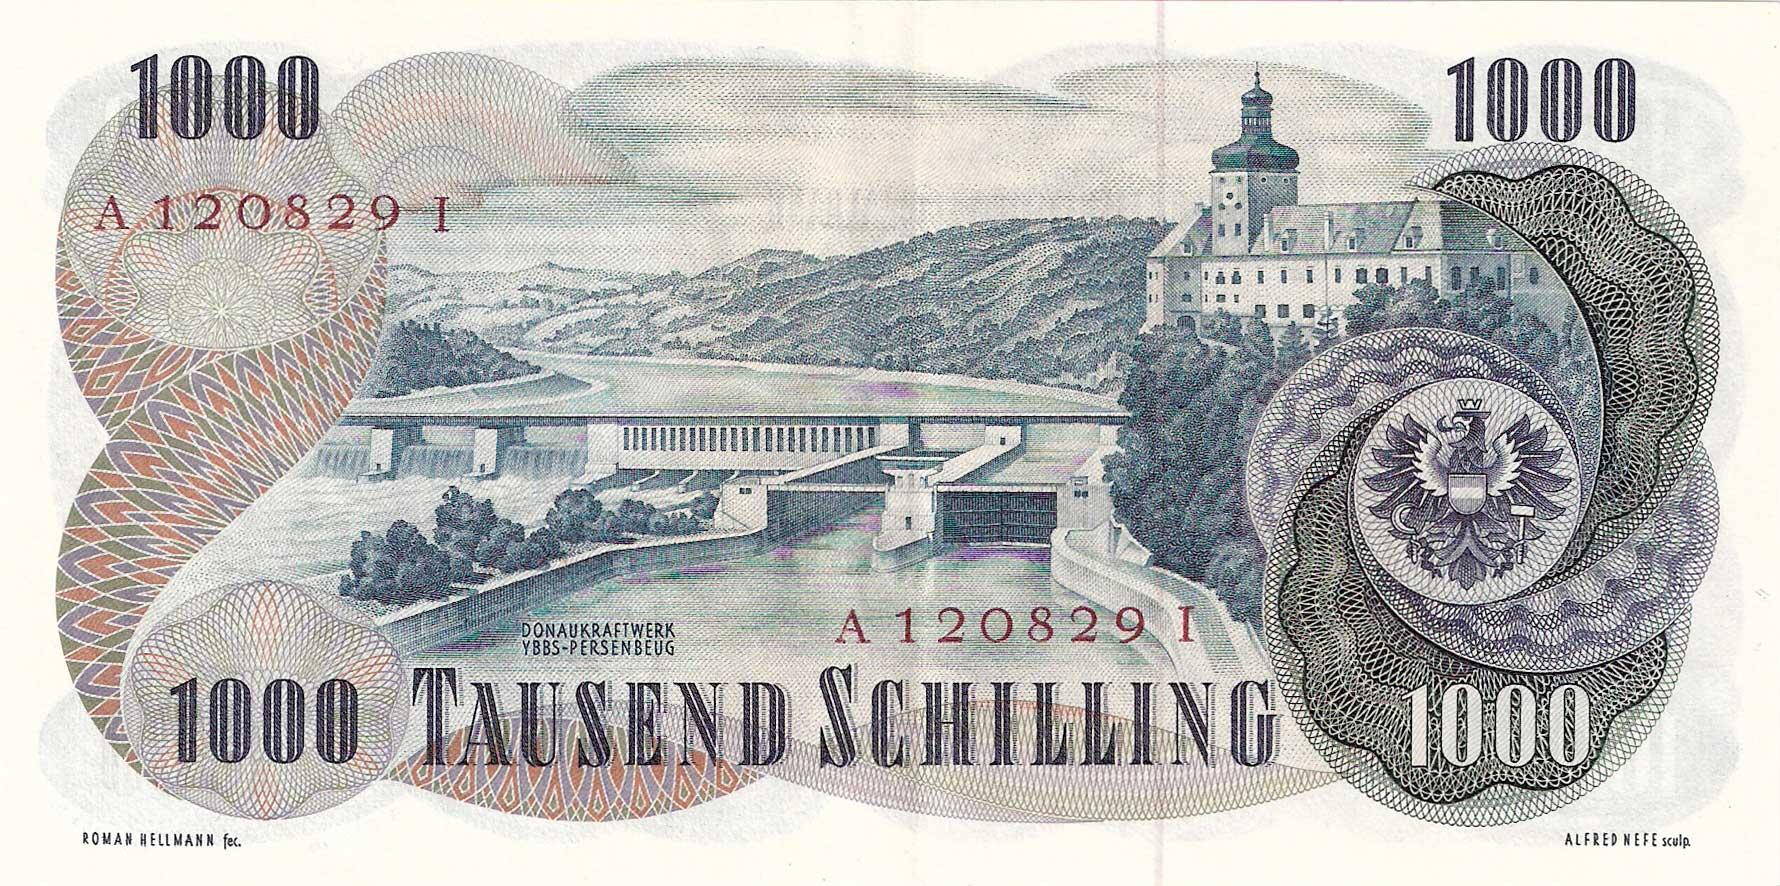 AUT-140-1000-Schilling-19610102-JK-b